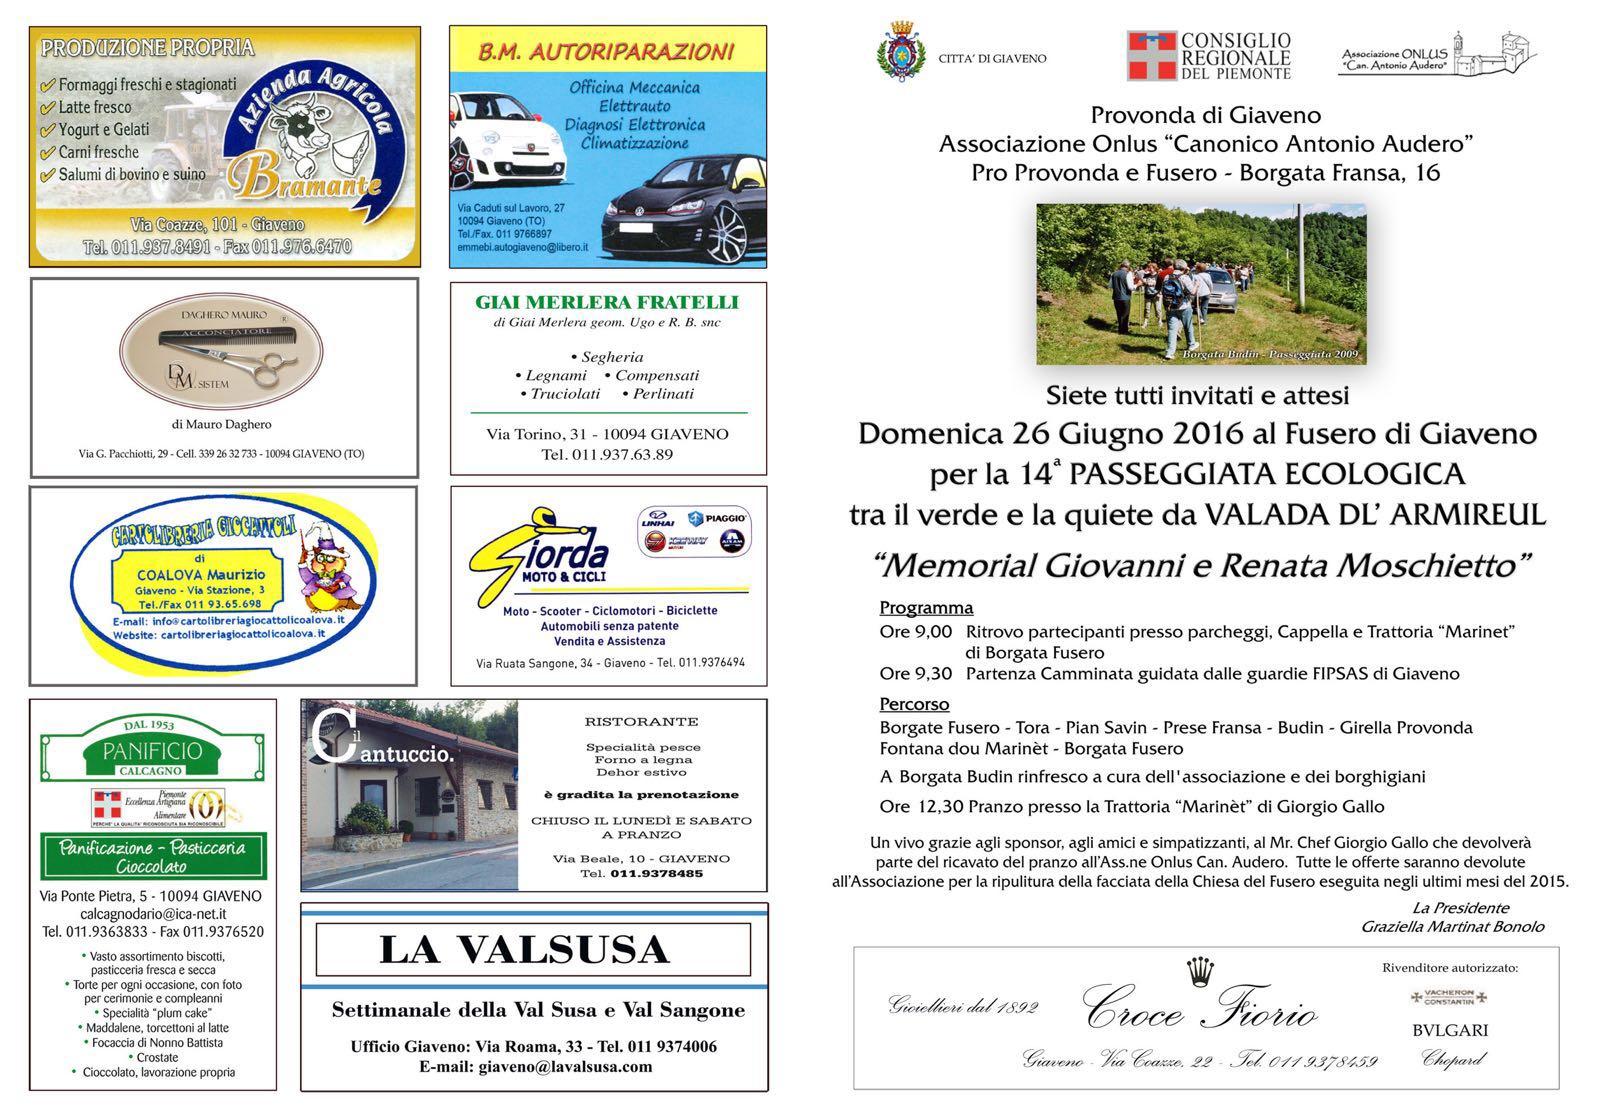 14° Passeggiata Ecologica  nella Vallata dell'Armirolo – domenica 26 giugno 2016